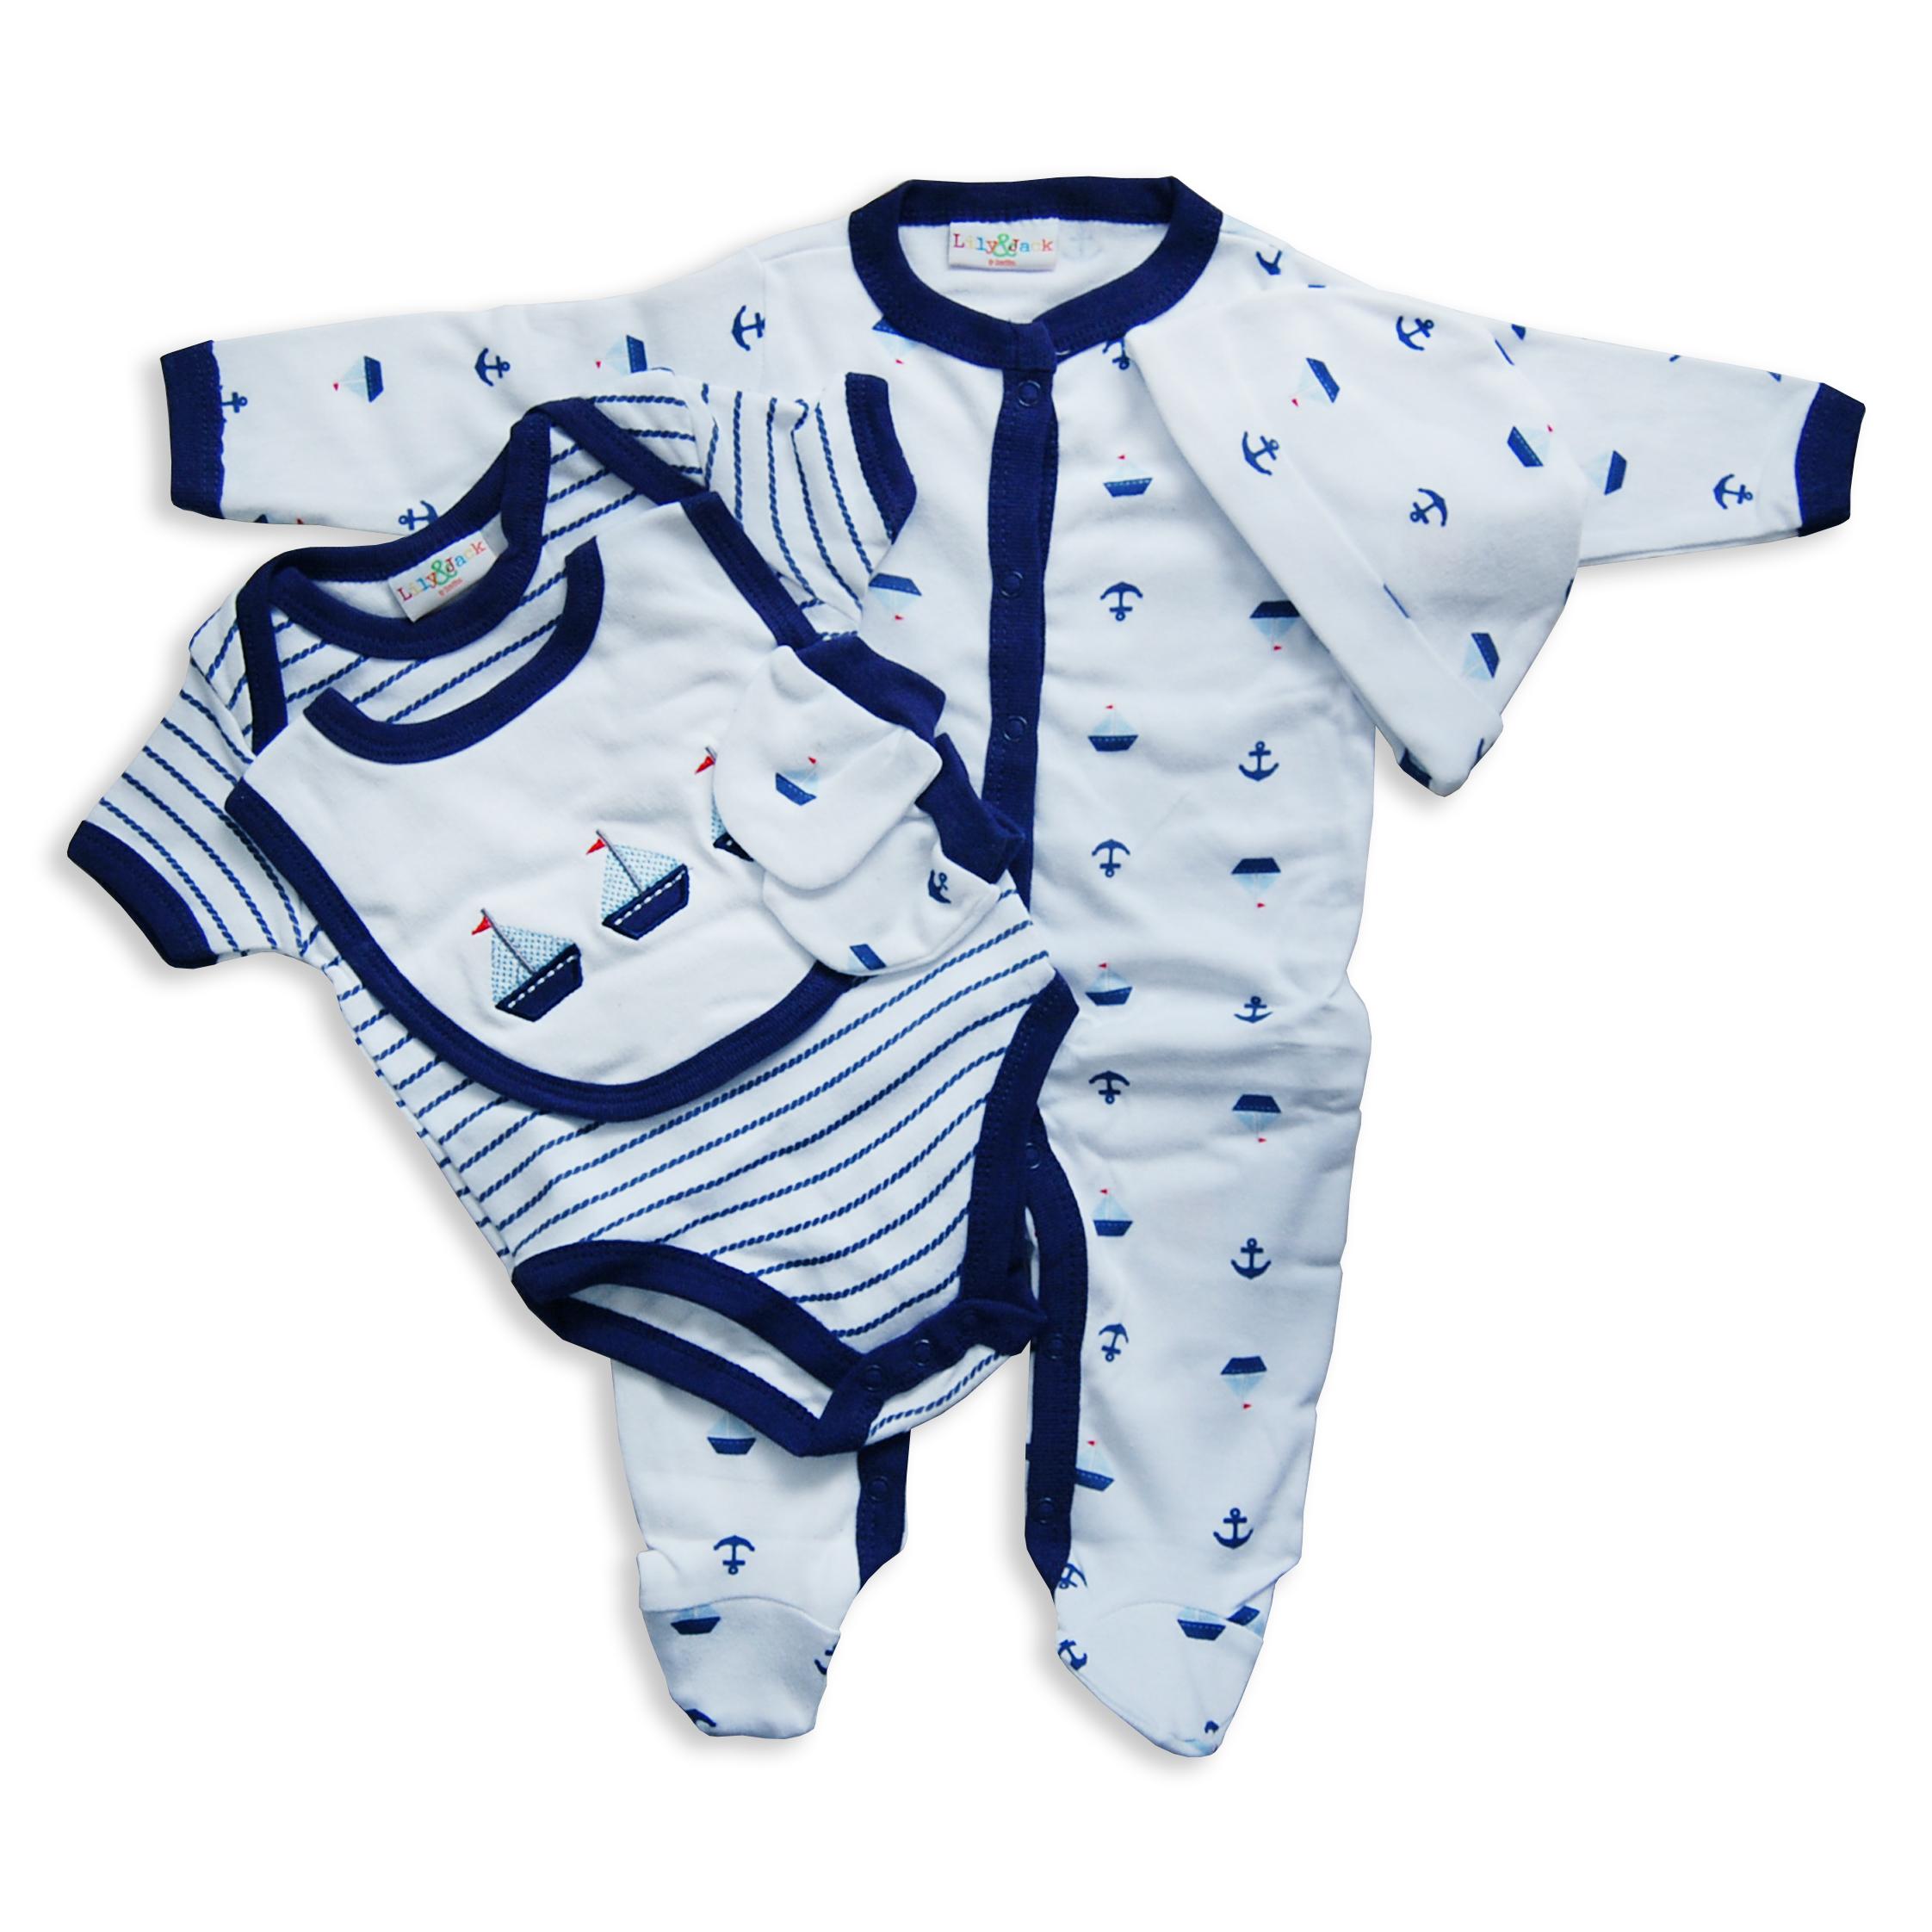 Luxury Newborn Baby Layette 5 Piece Designer Gift Set Box ...